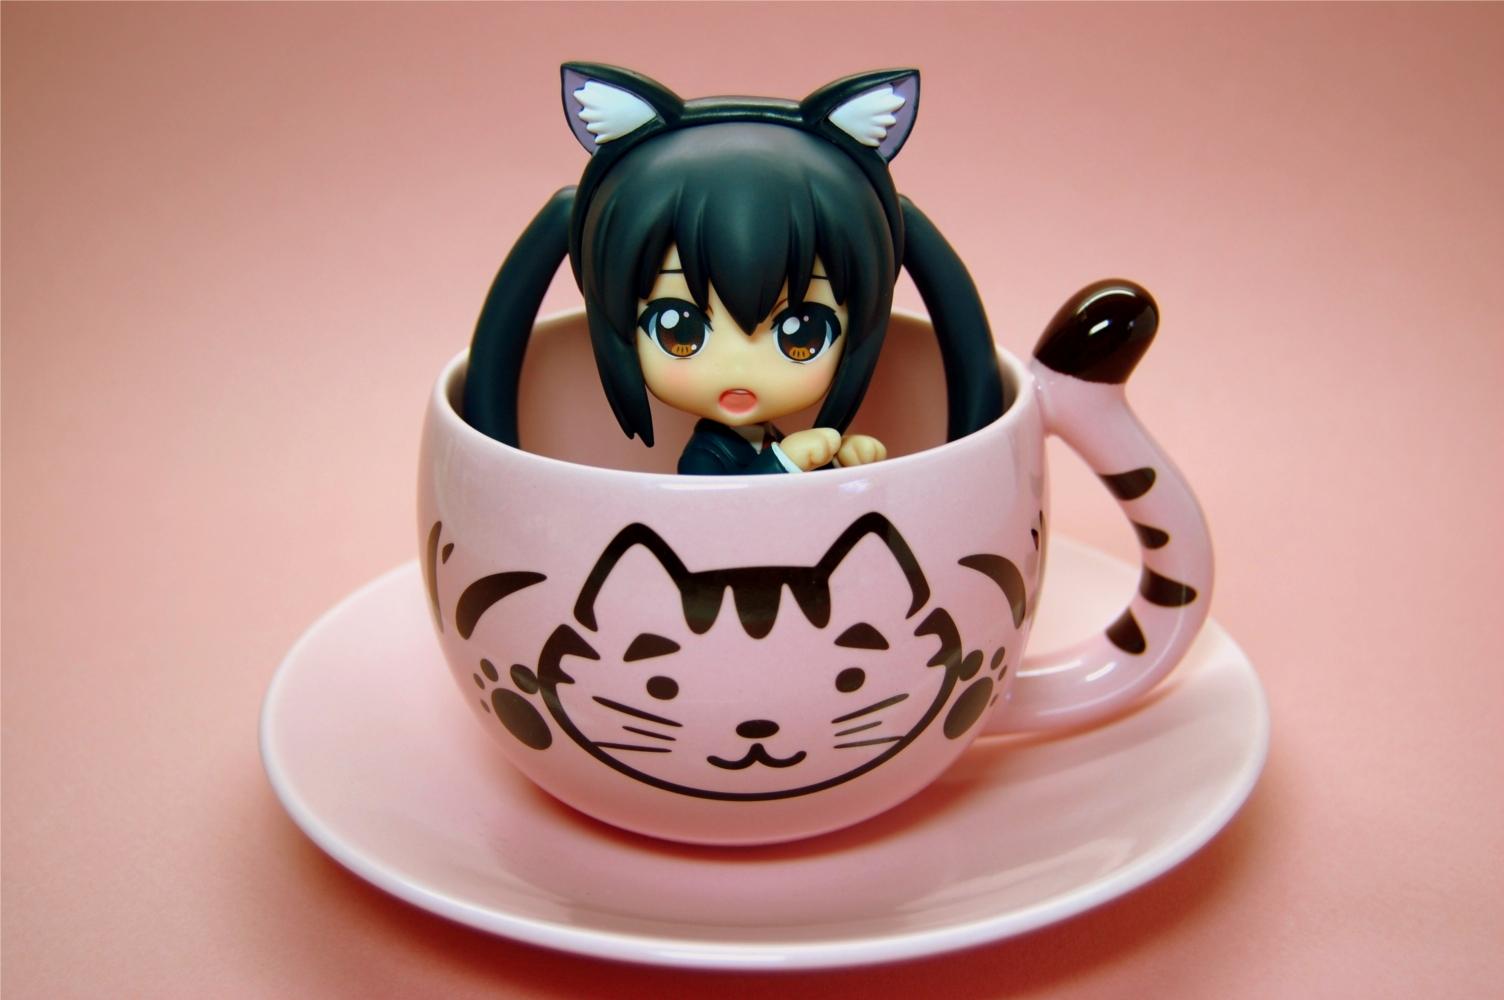 cat cup mug k-on!